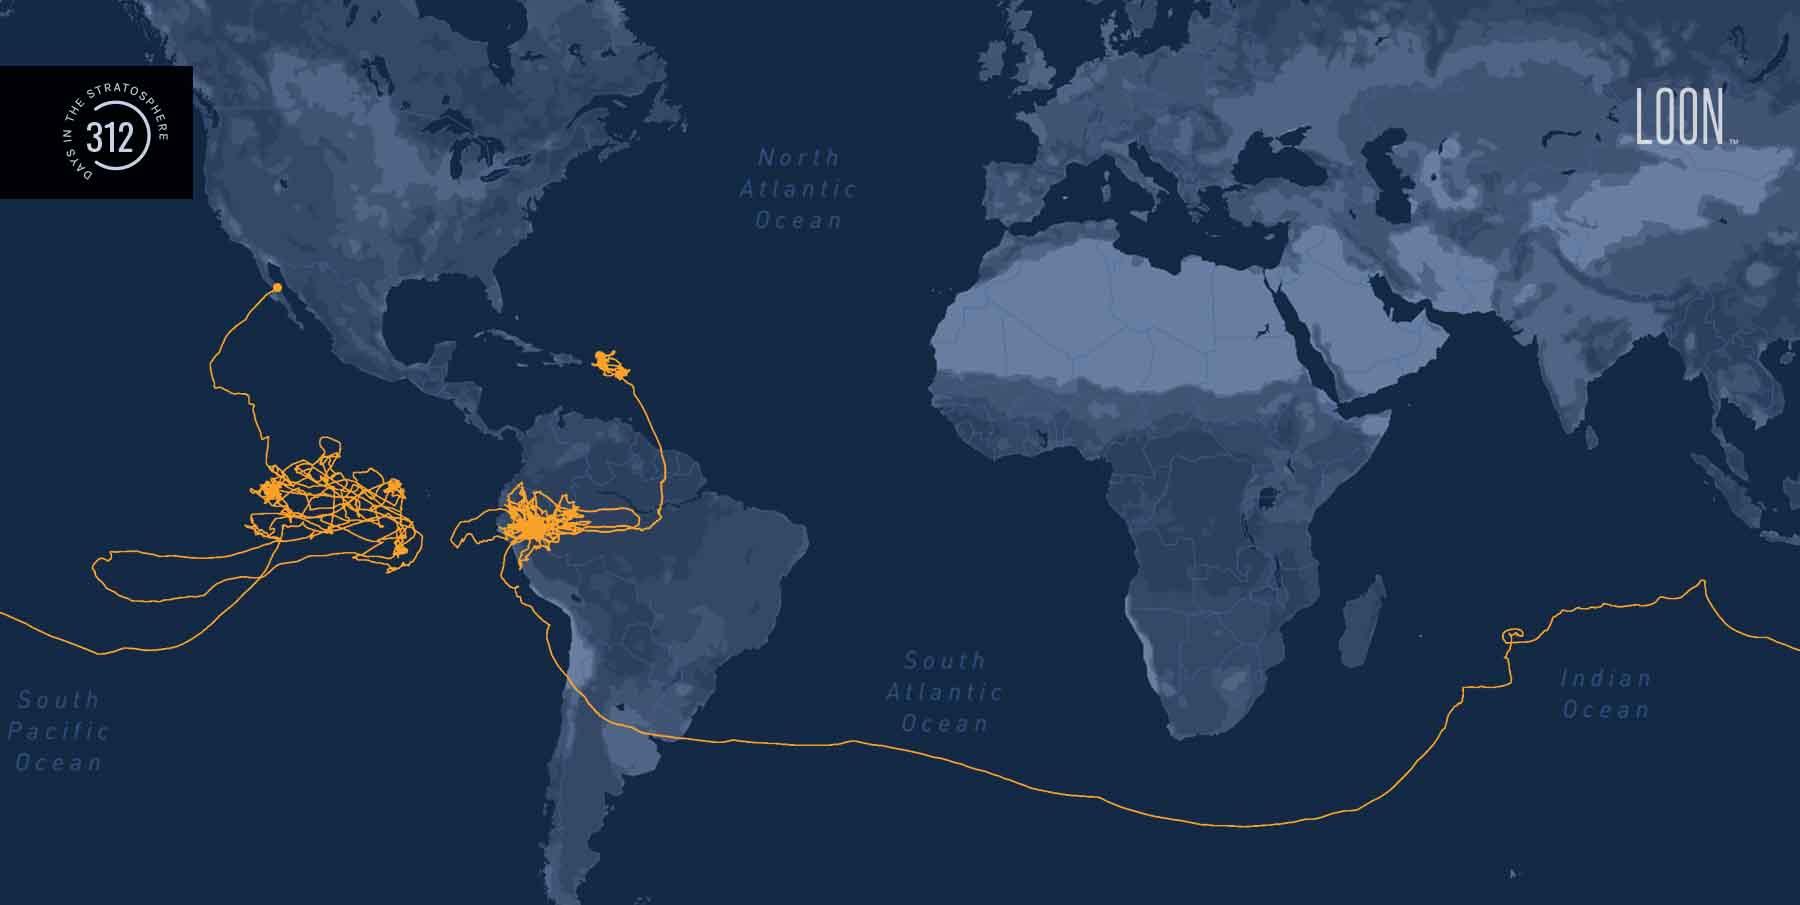 Воздушный шар Google раздает интернет. Рекорд в стратосфере